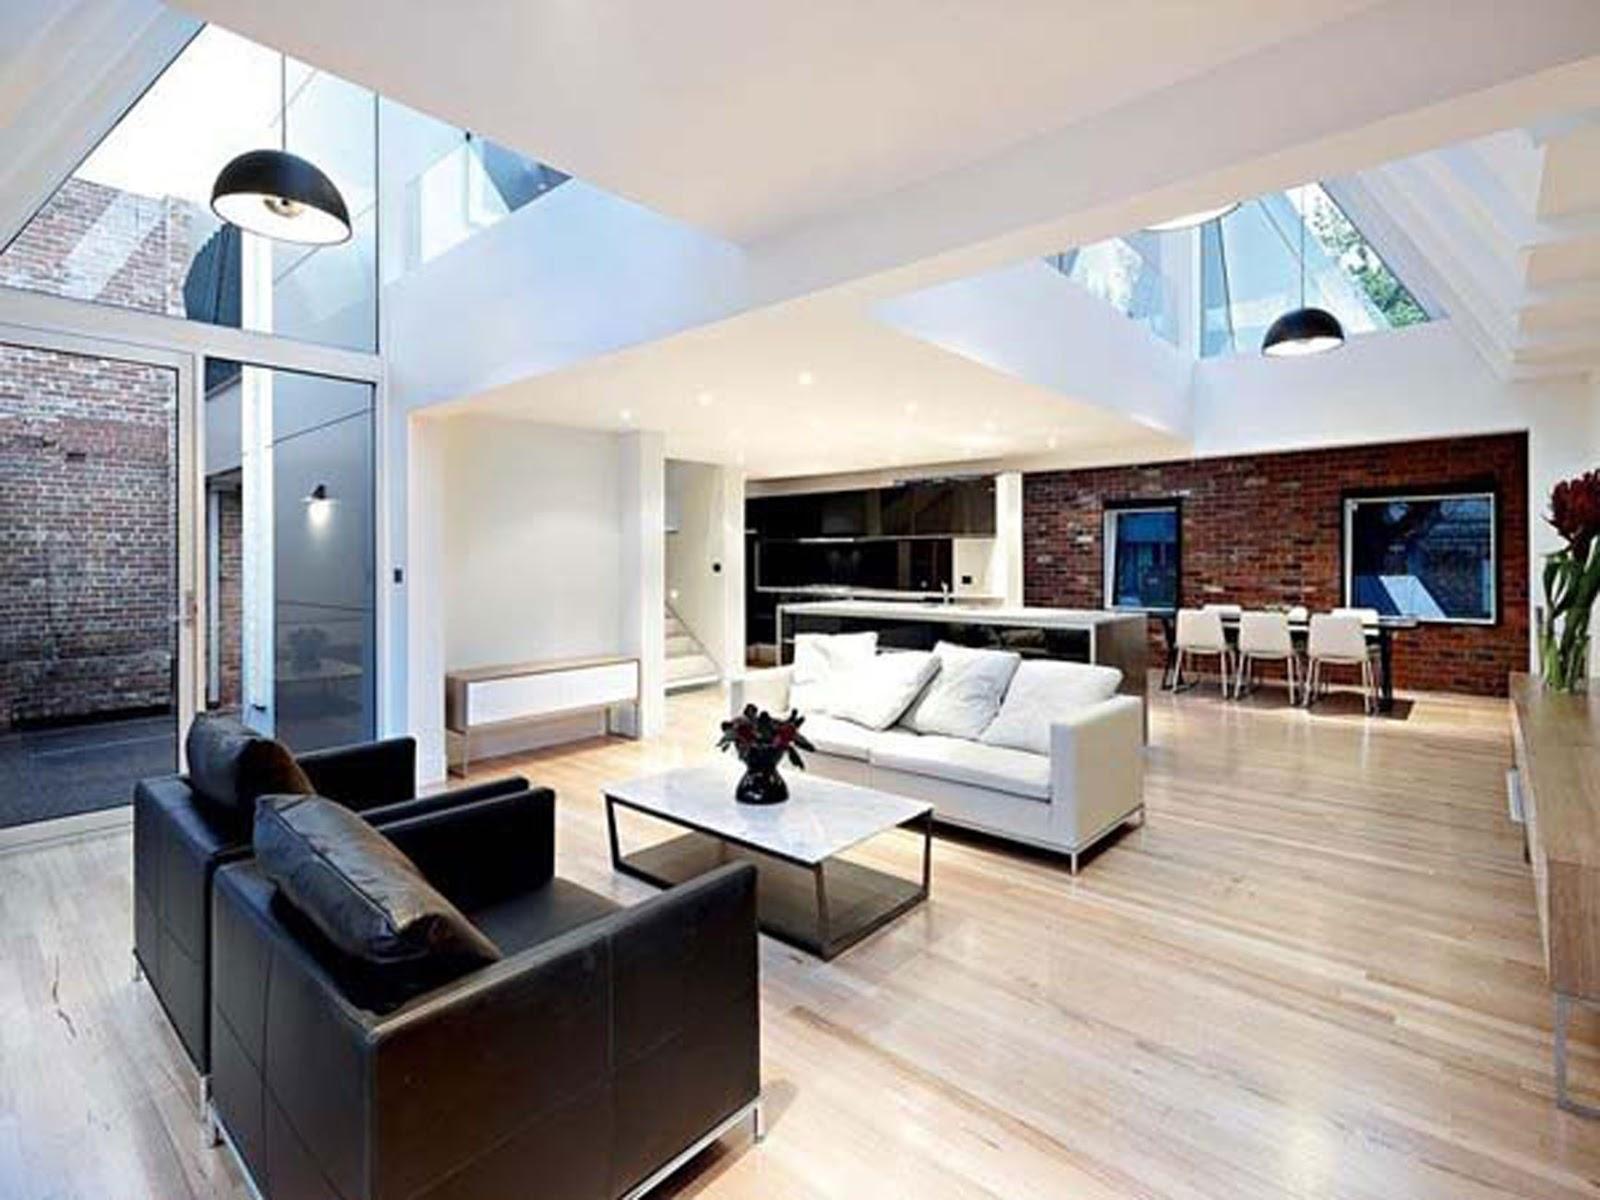 Modern Home Decor StyleBest Inspiring Interior Design For Homes